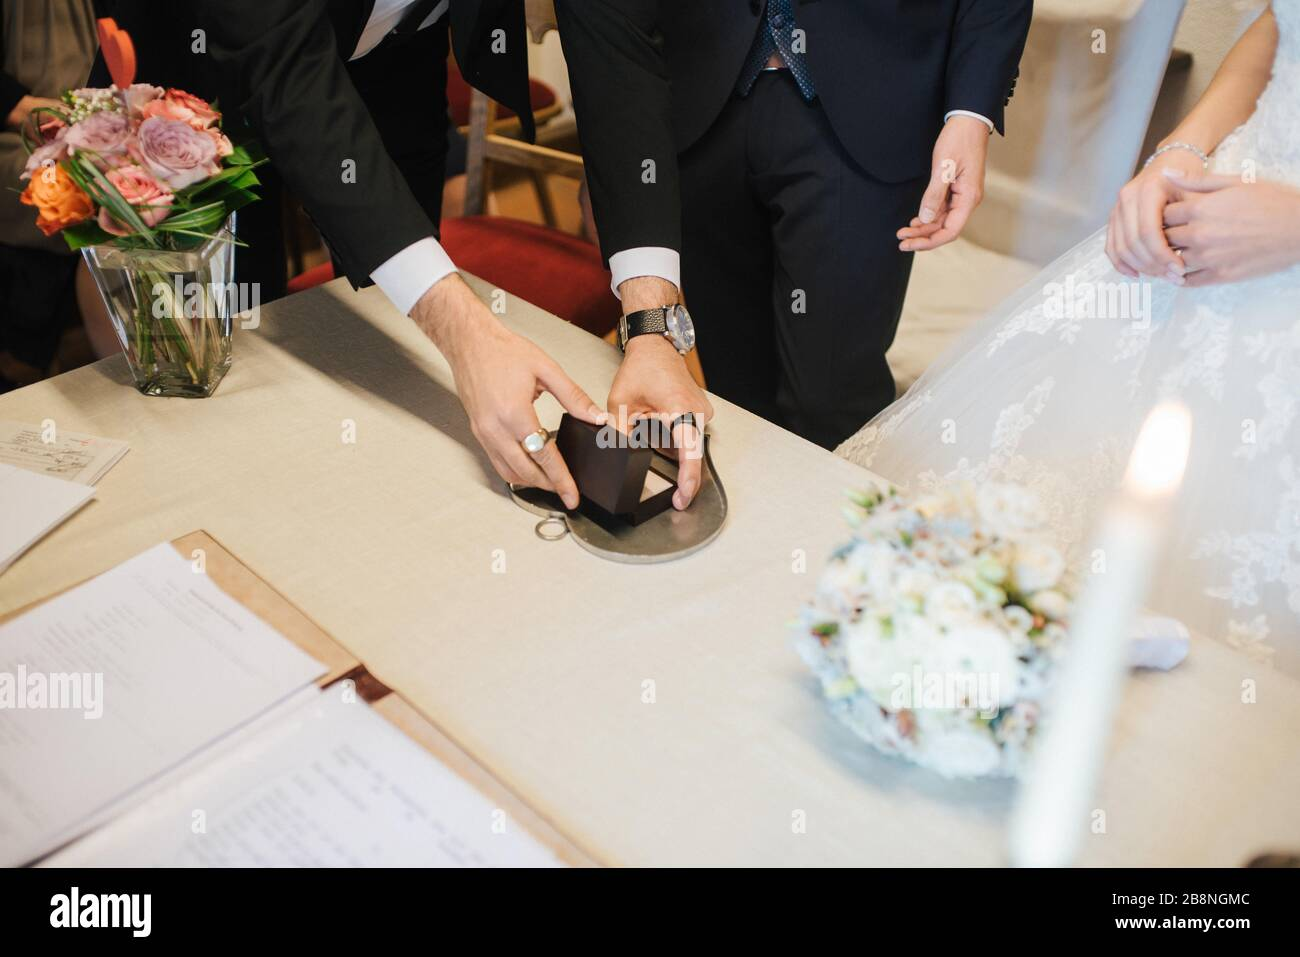 Zeuge Einer Ehe Stockfotos und -bilder Kaufen - Alamy